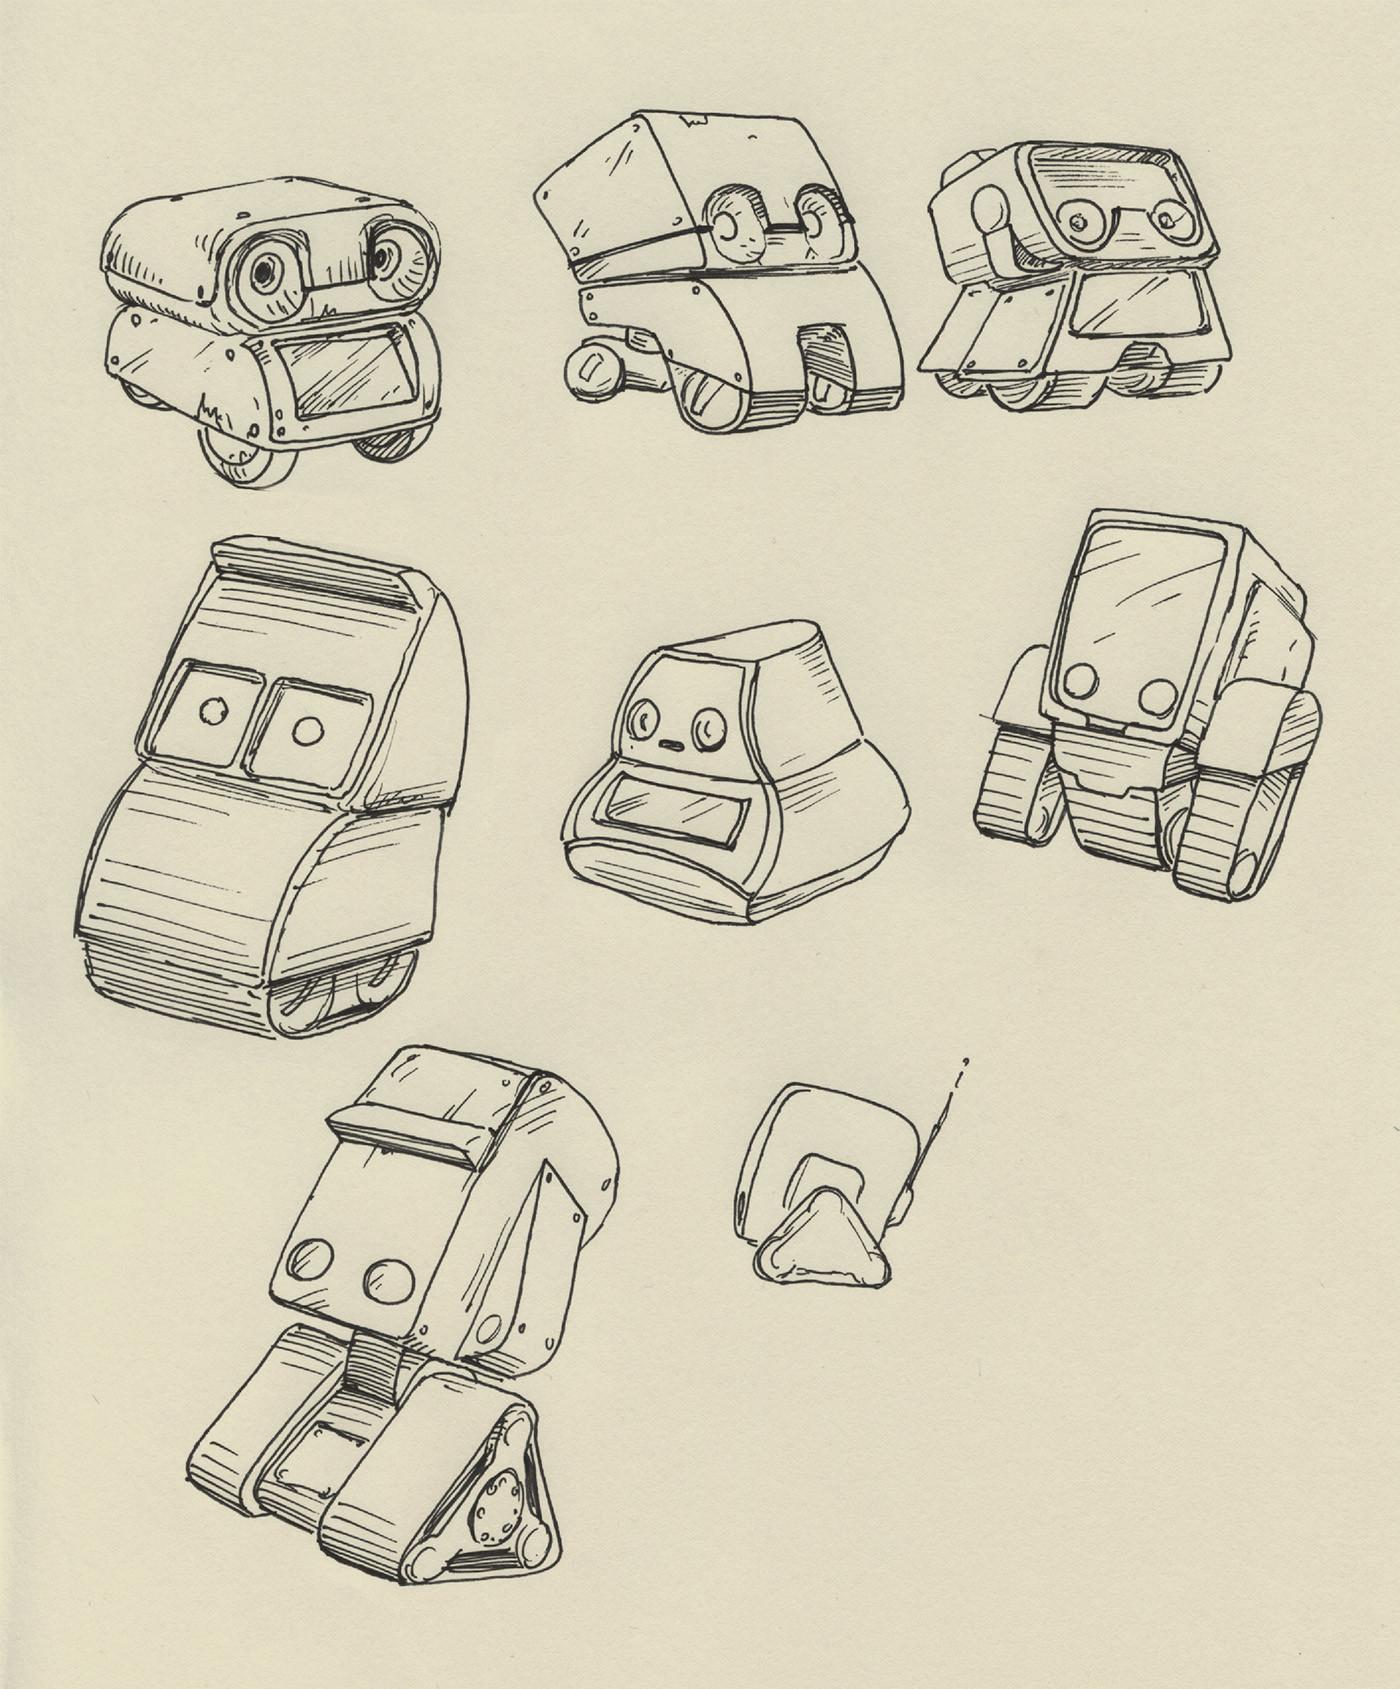 Dirk wachsmuth 03 babybot sketches 02s